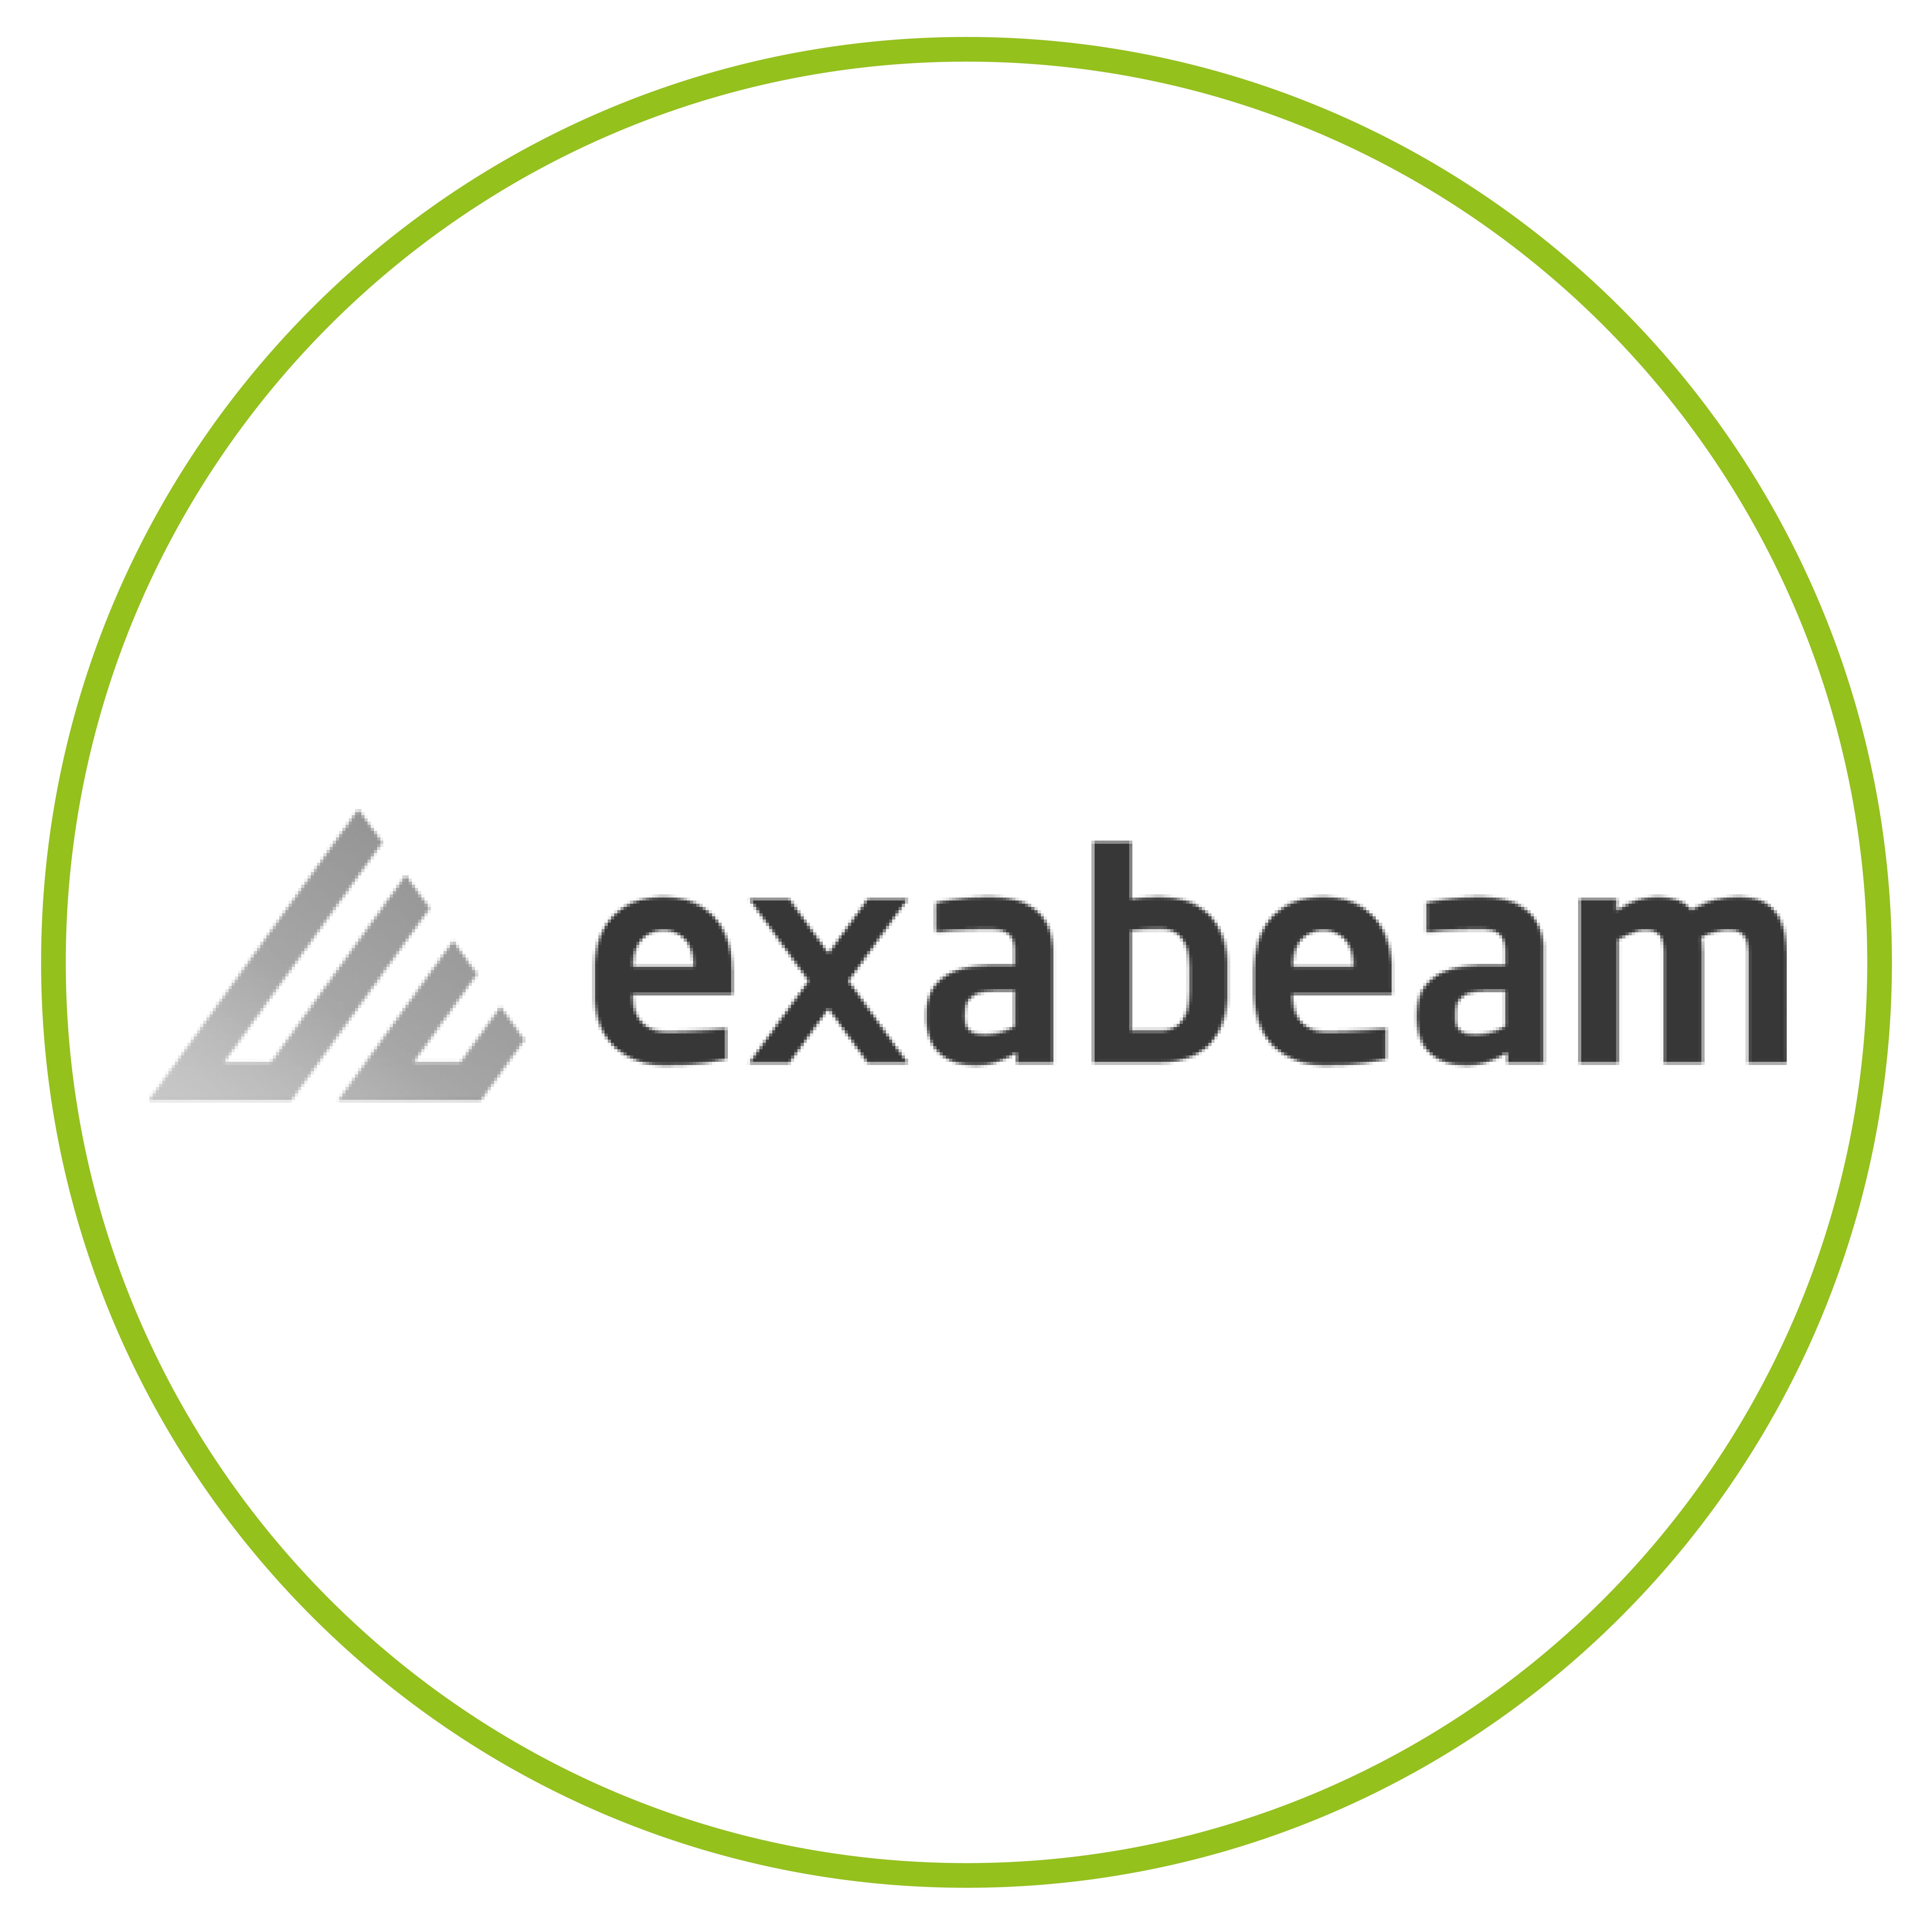 Exabeam-schwarz-weiß